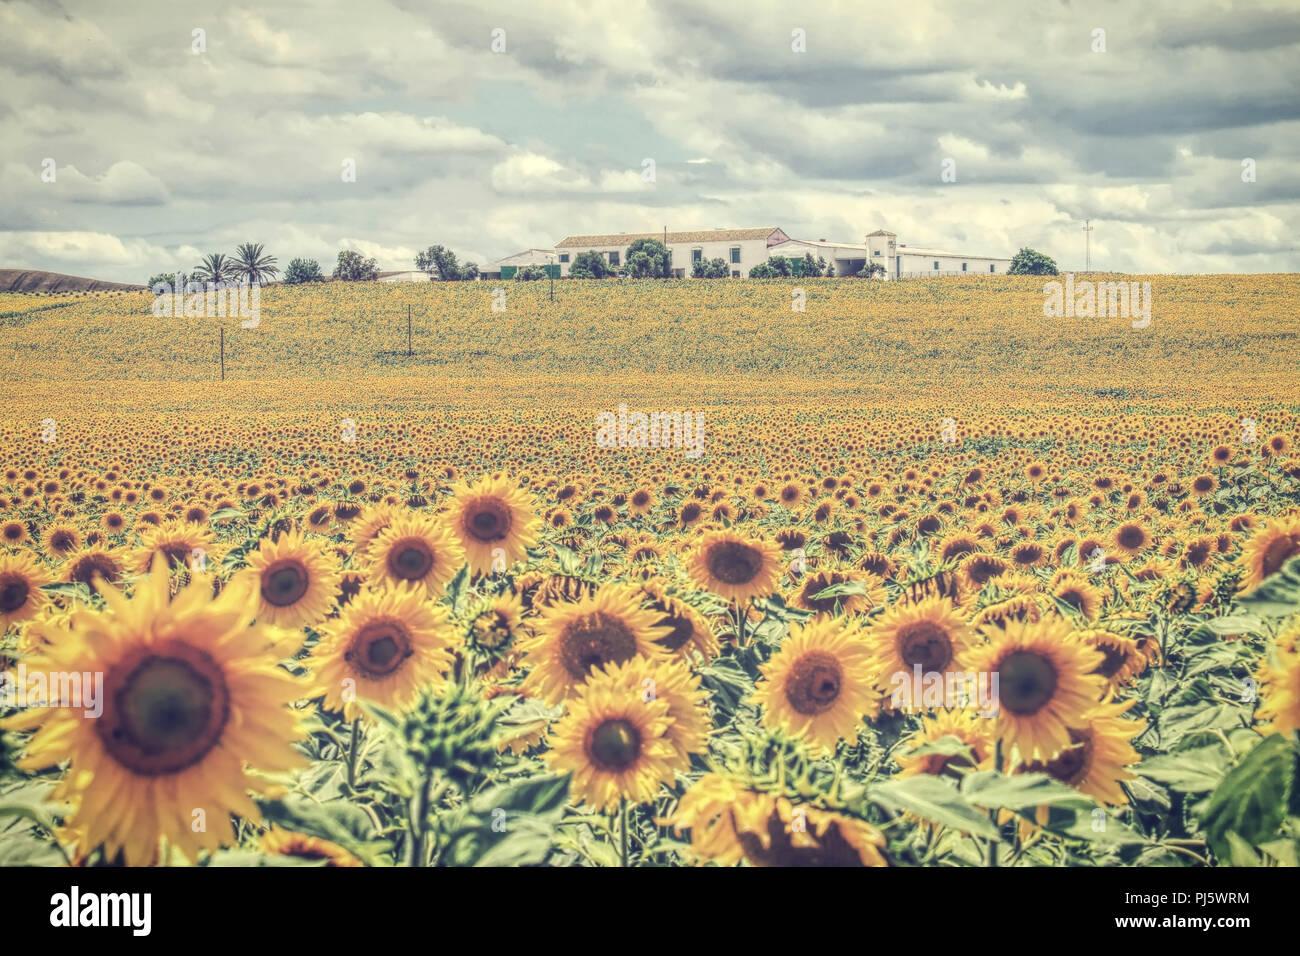 Paesaggio con girasoli Foto & Immagine Stock: 217718248 - Alamy